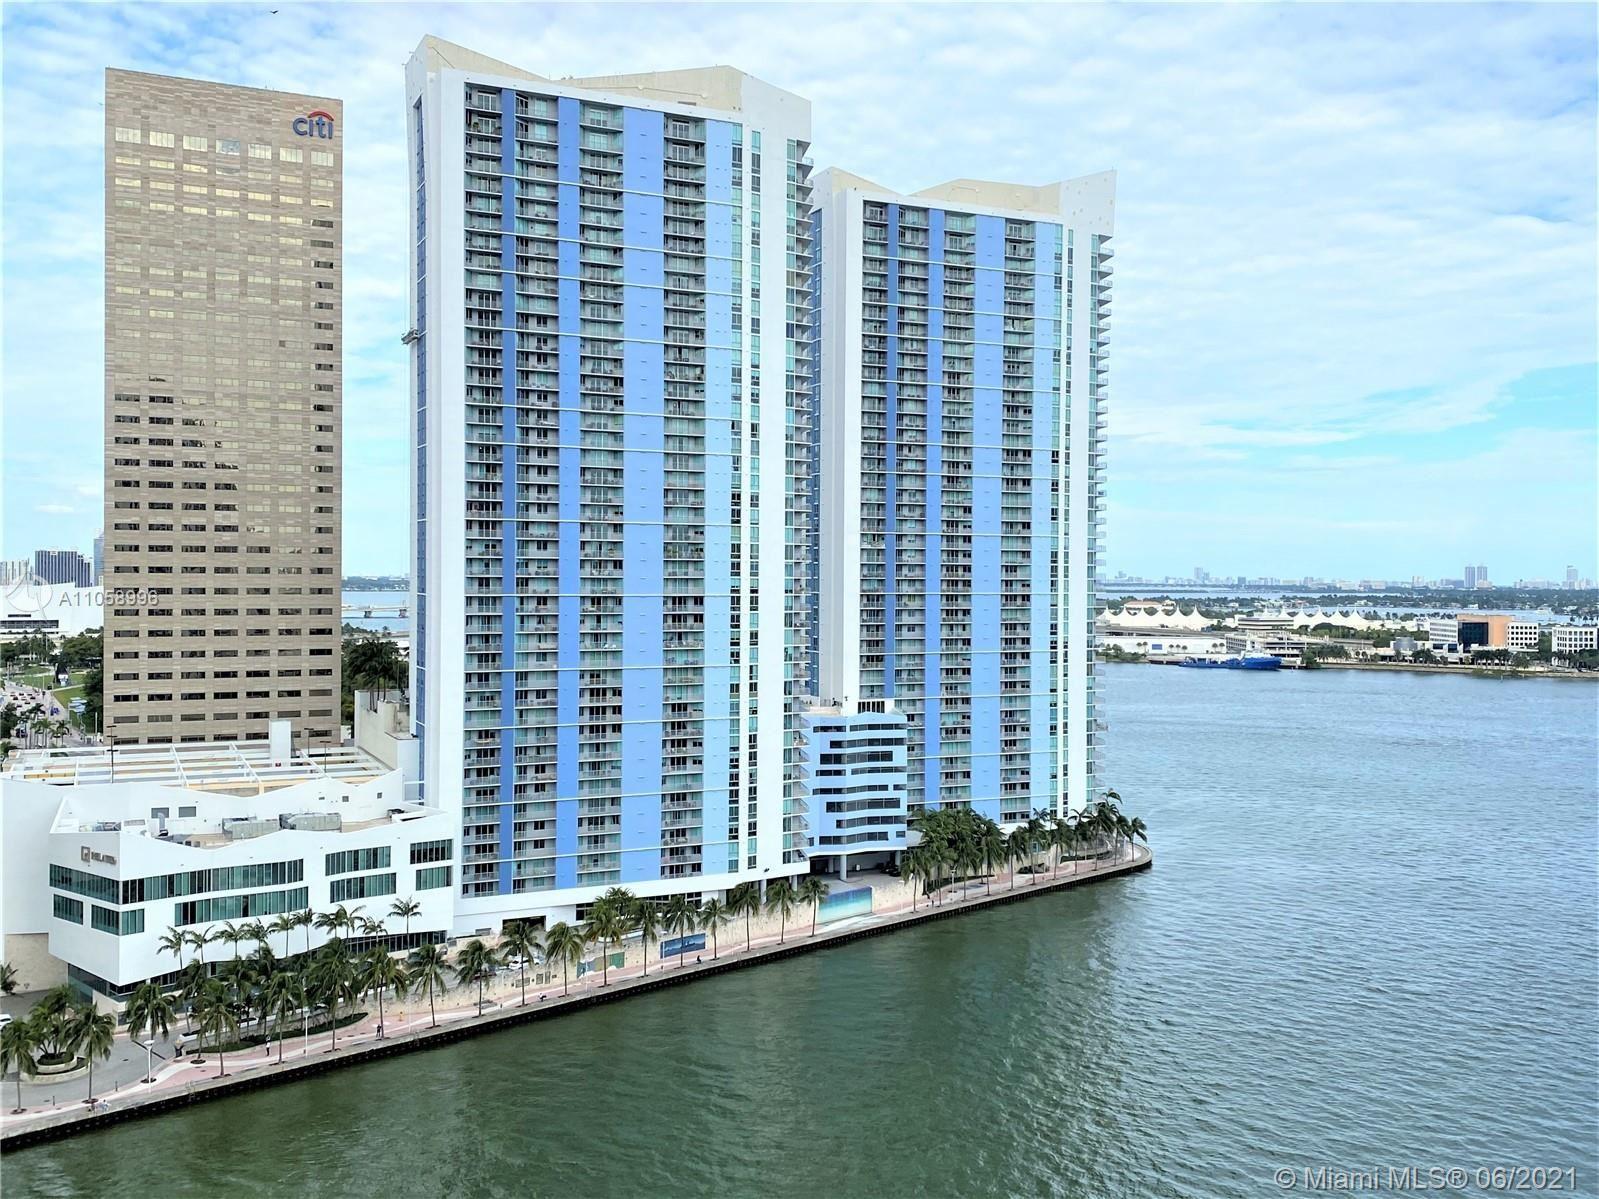 335 S Biscayne Blvd #4000, Miami, FL 33131 - #: A11058996